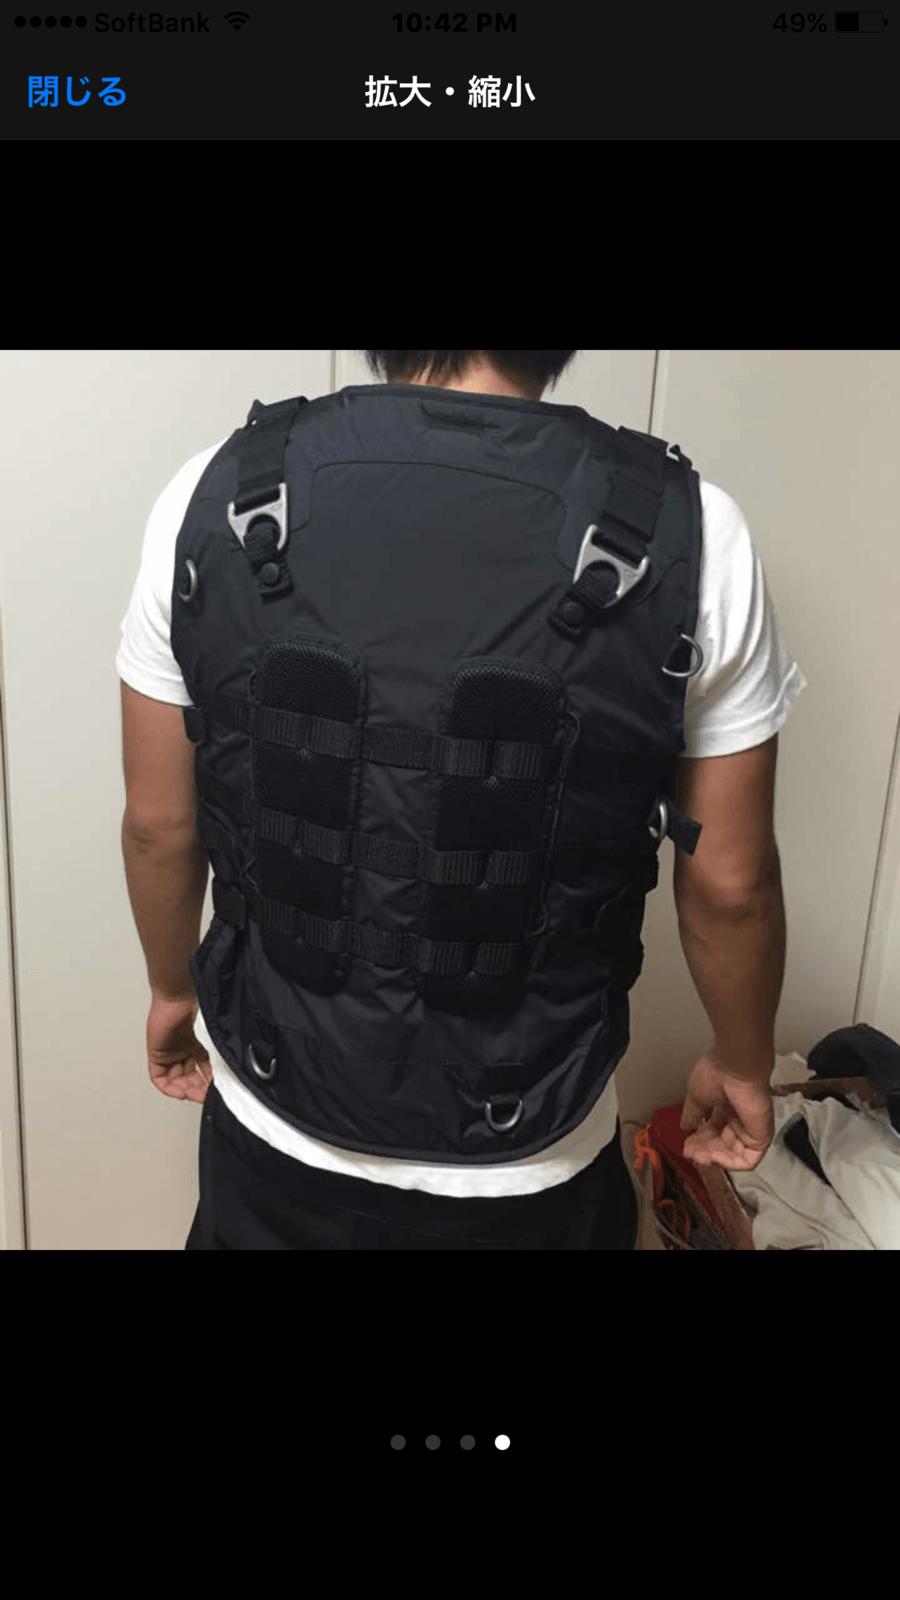 Ap vest 450$(400$now)(Size L) - image.png